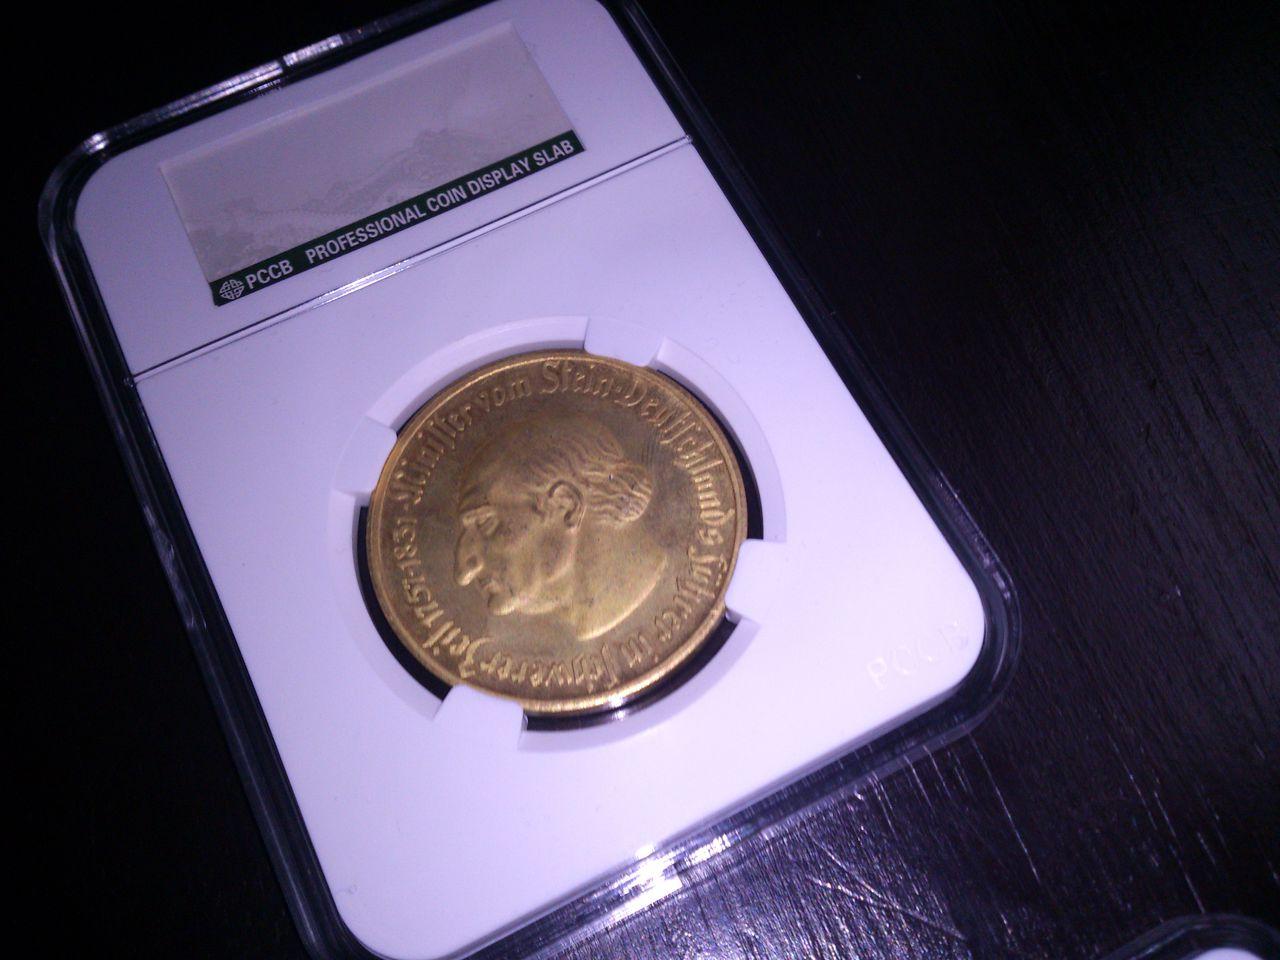 Monedas de emergencia emitidas por el banco regional de Westphalia DSC_8551